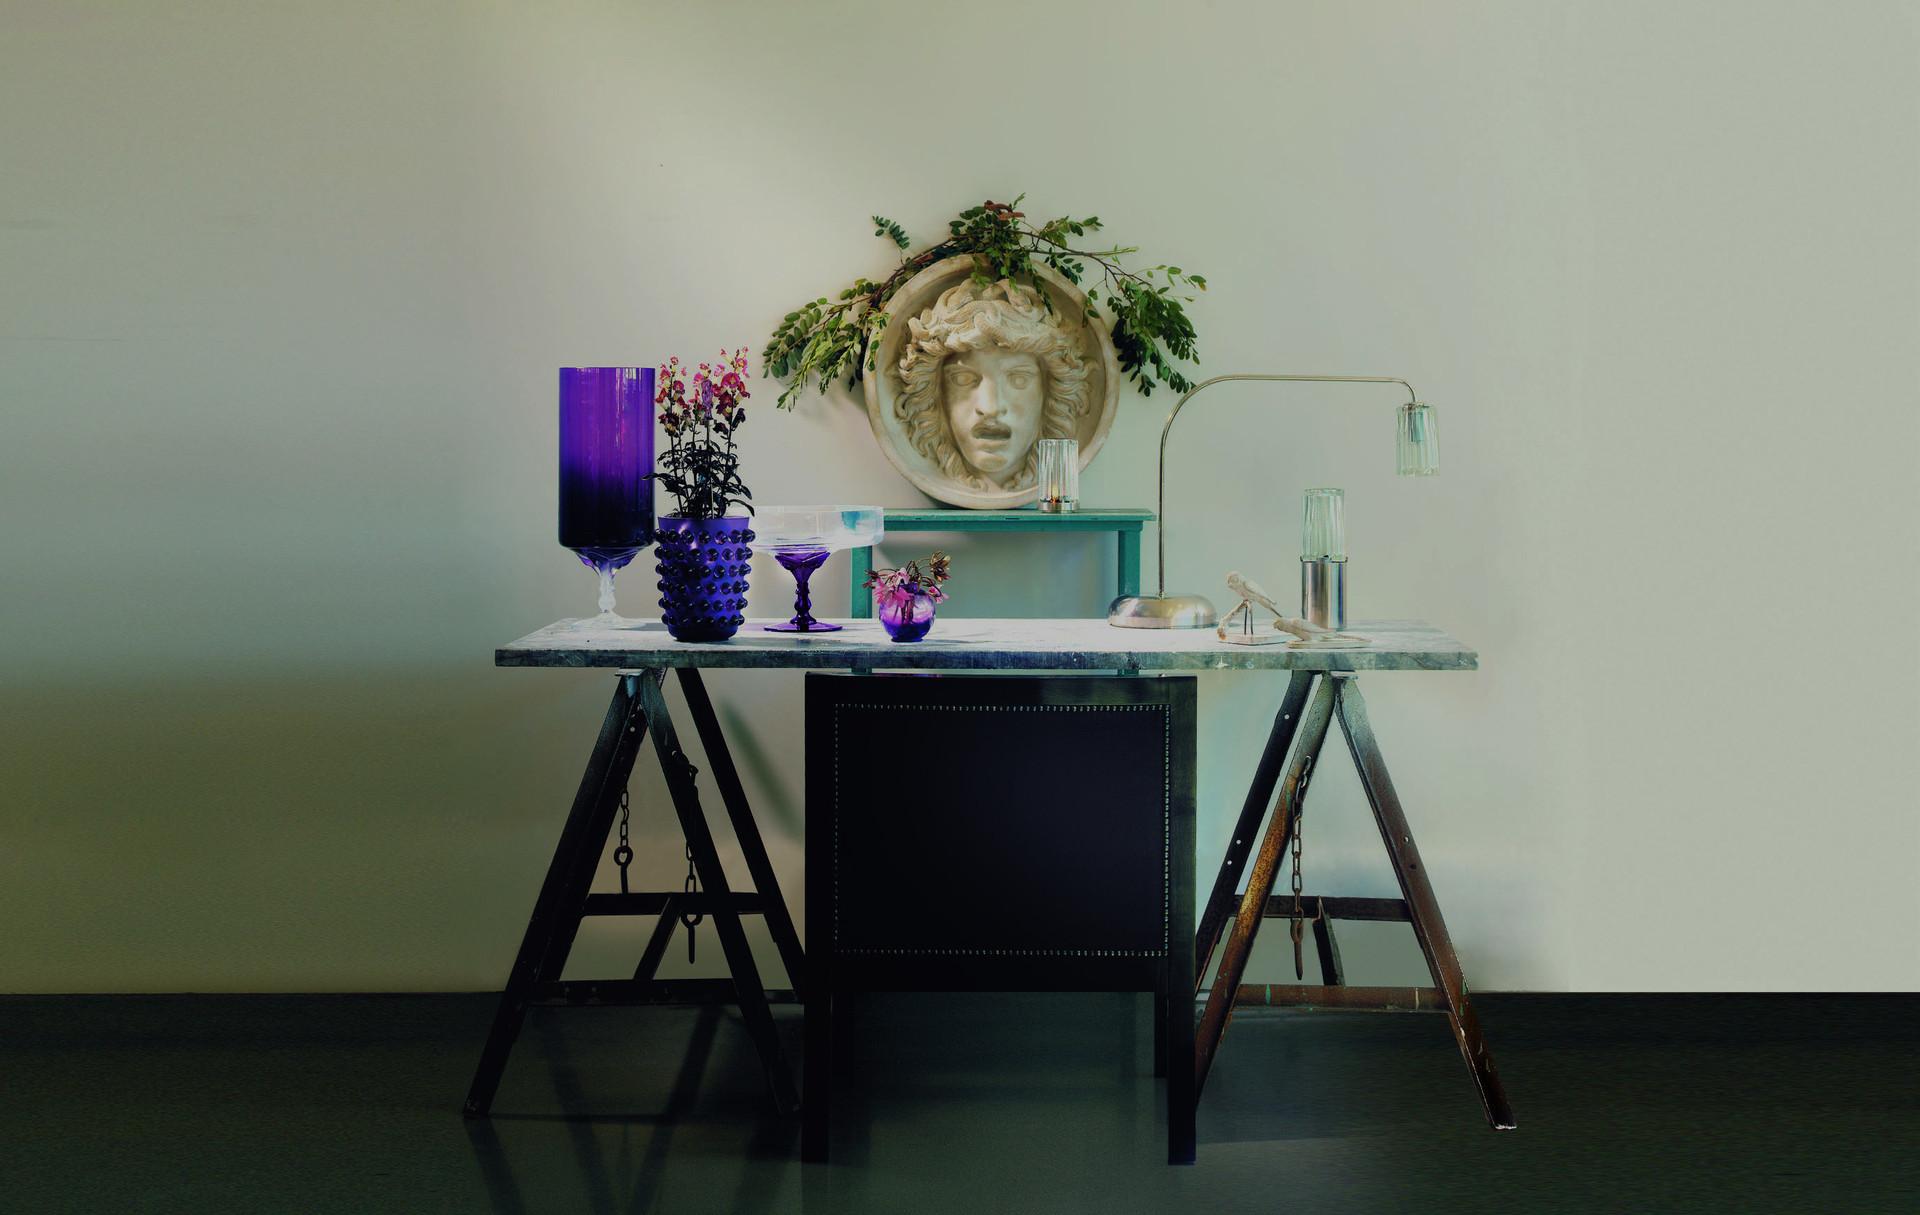 Pierre Gonalons design -Lalique - Curiou